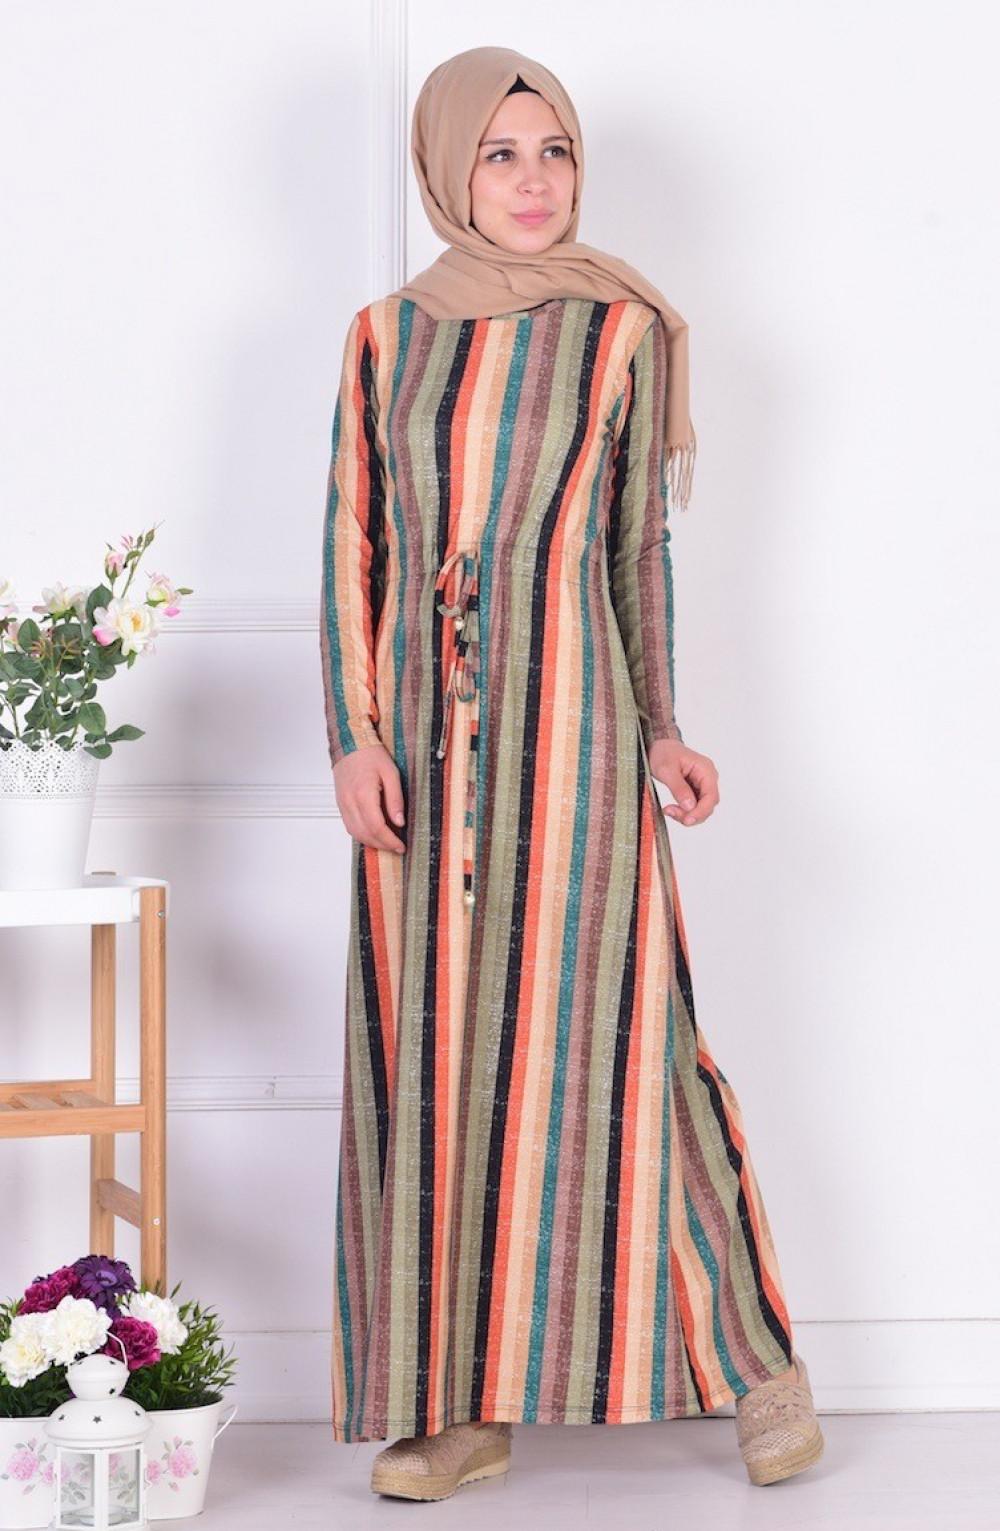 dd651fb6a2111 Sefamerve Belden Büzgülü Haki Yeşil Vizon Elbise | Ehl-i Tesettür